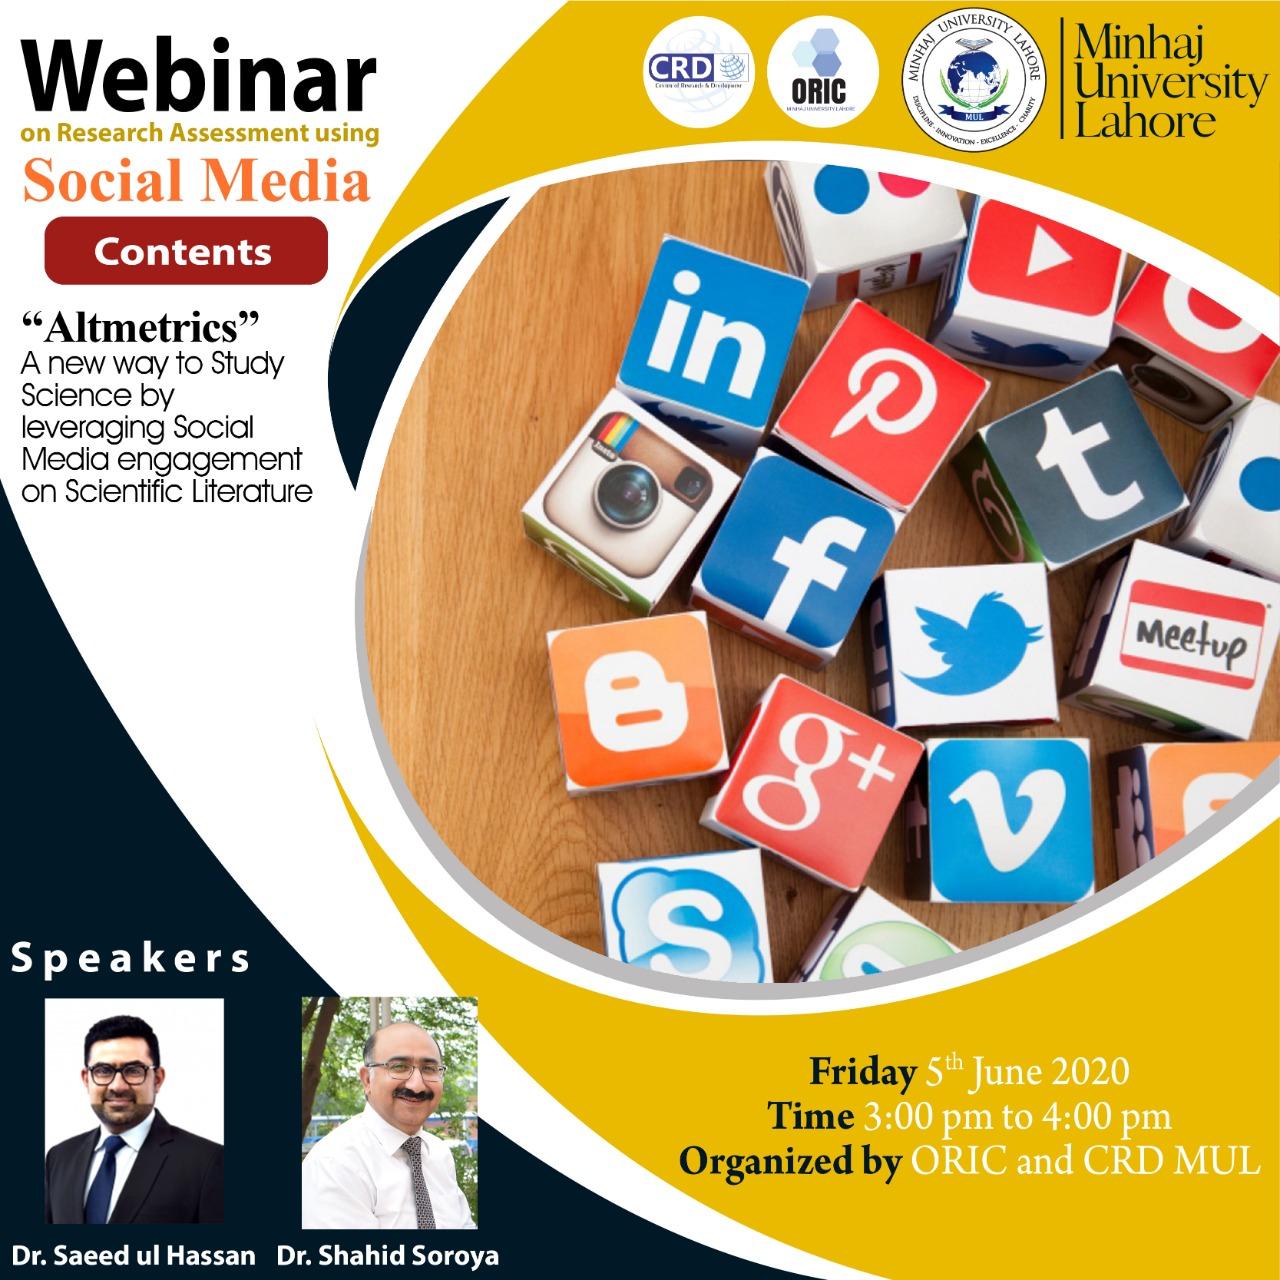 Webinar on Research Assessment Using Social Media